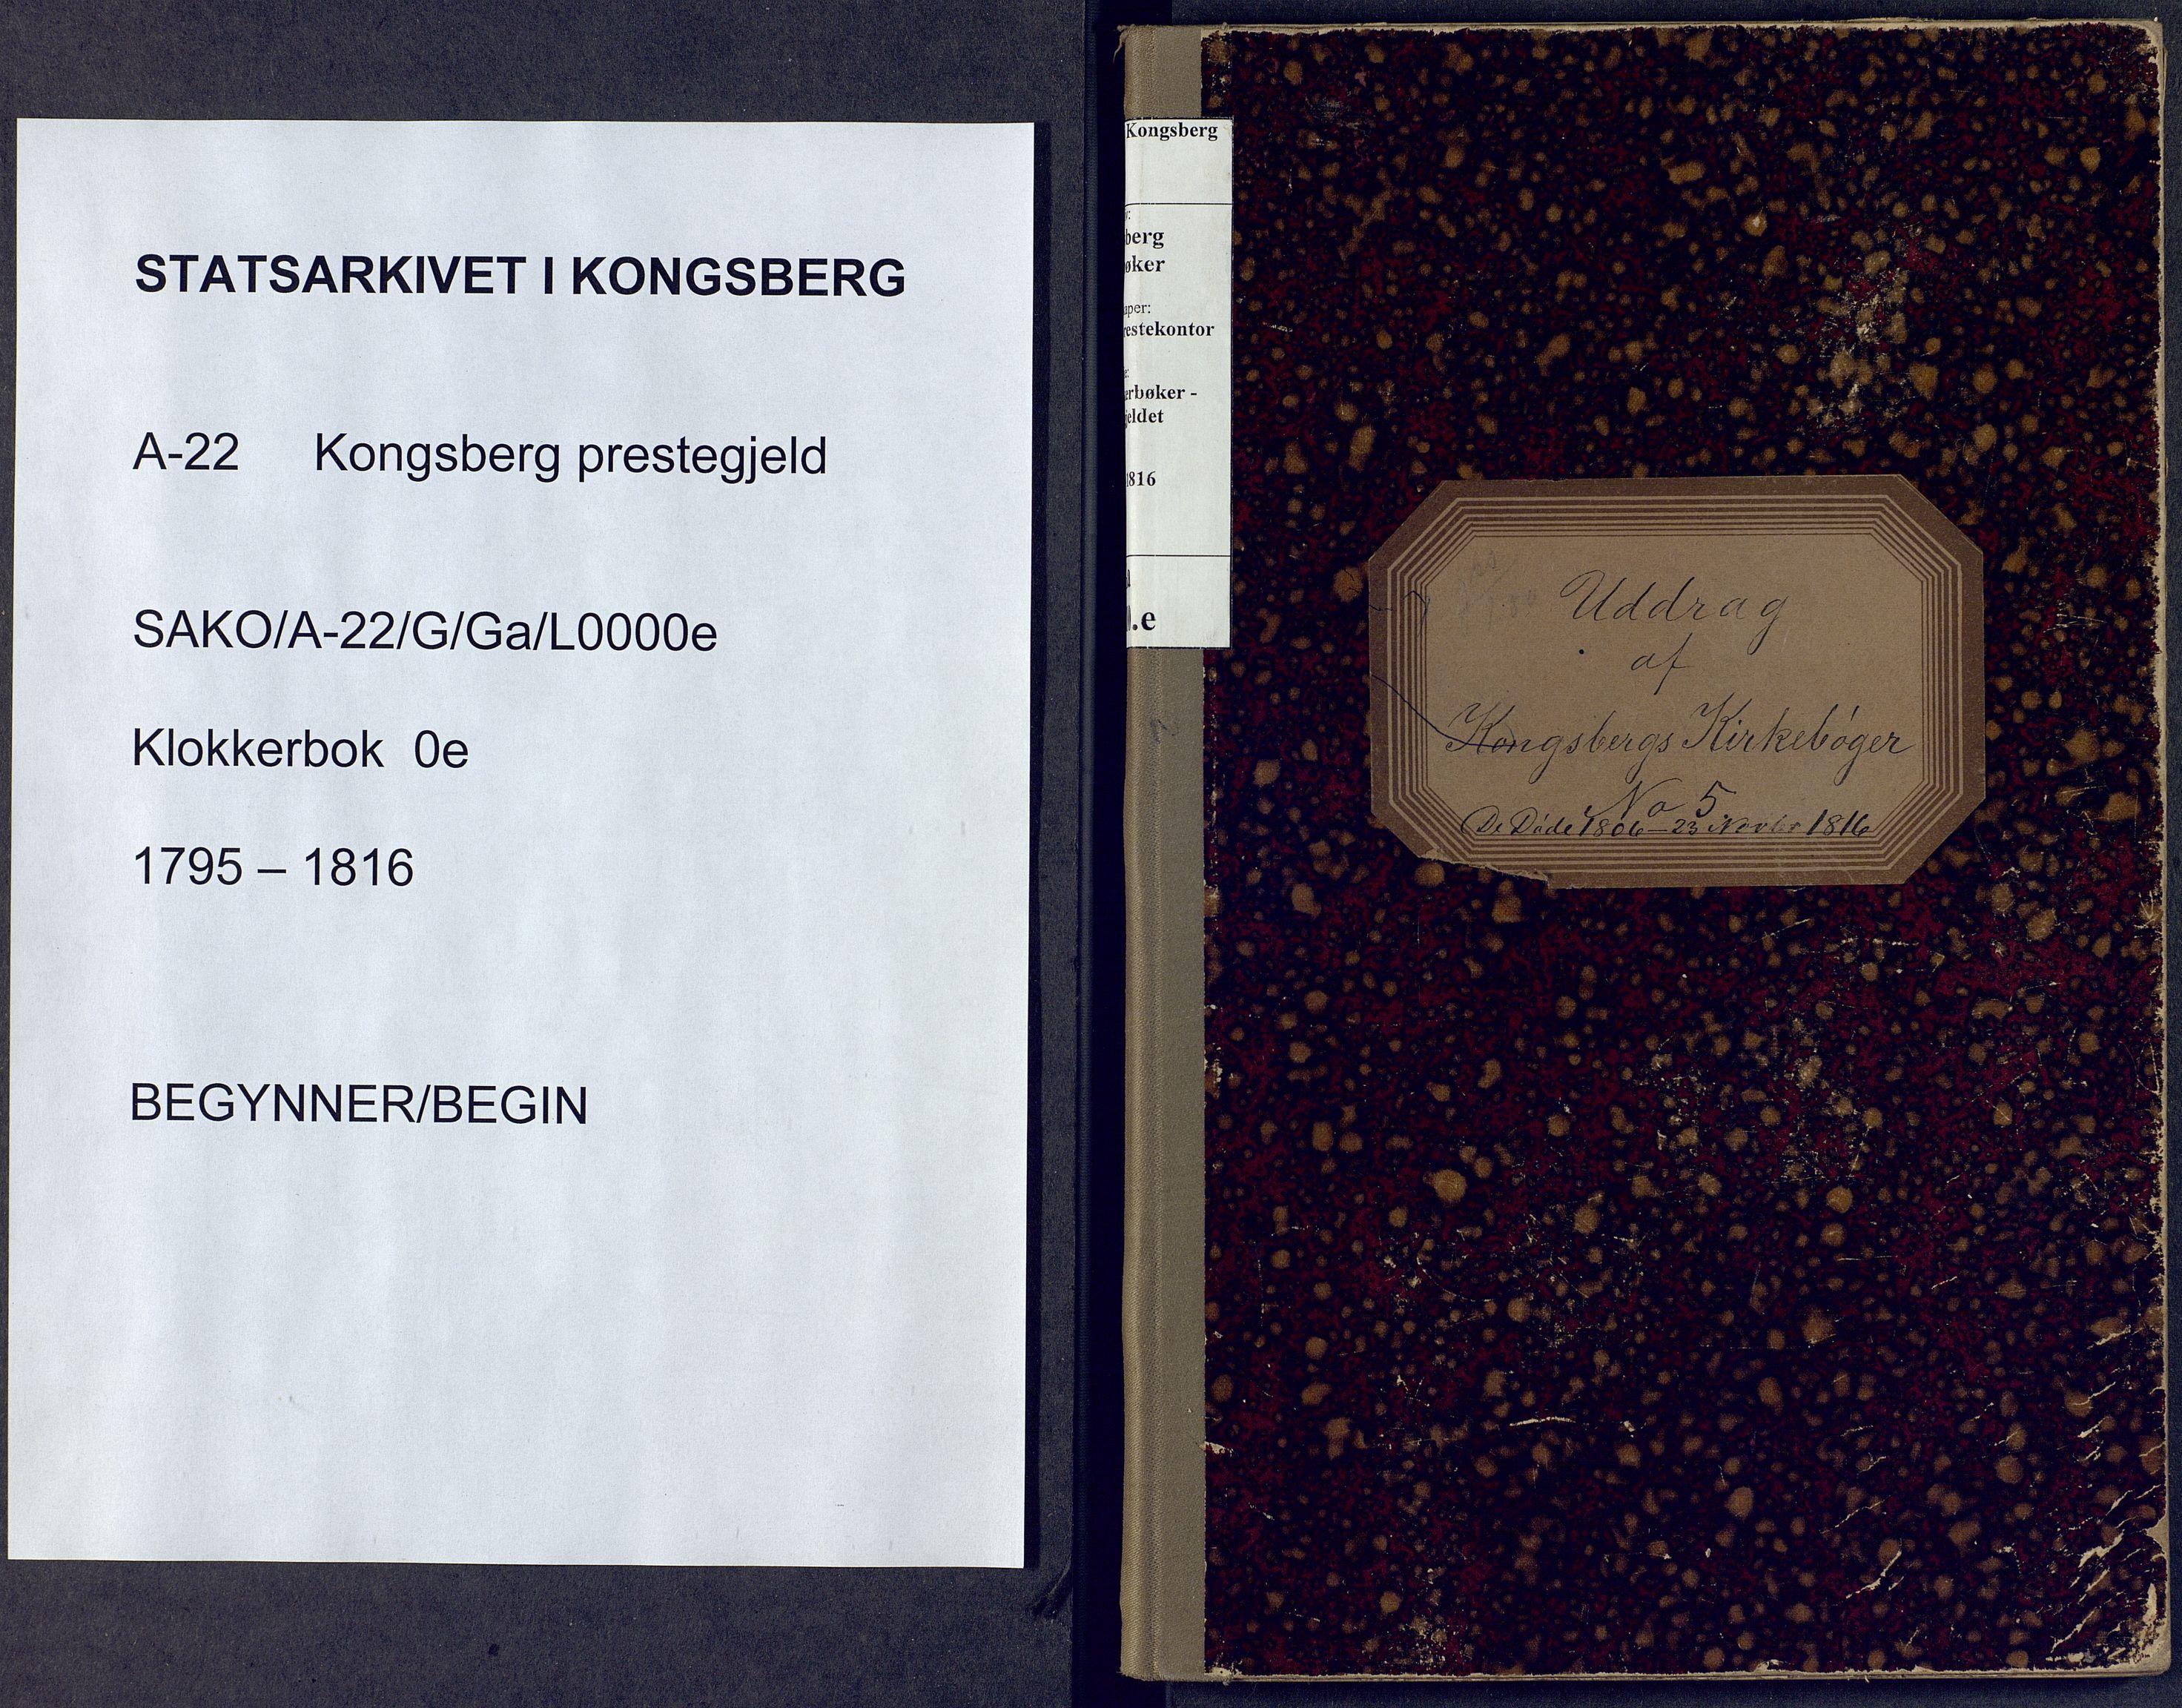 SAKO, Kongsberg kirkebøker, G/Ga/L0000e: Klokkerbok nr. 0e, 1795-1816